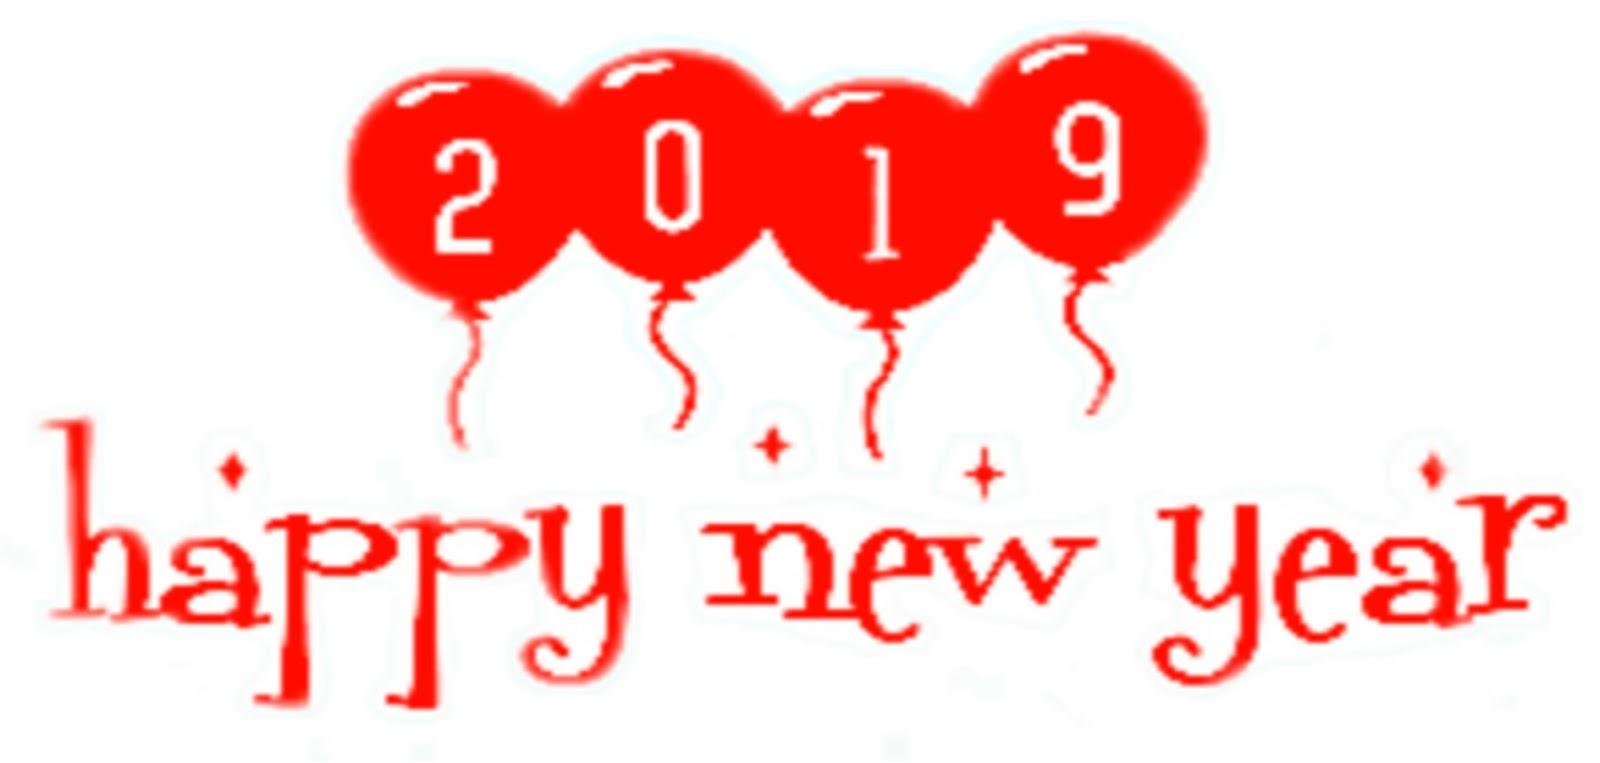 Happy New Year 2019 Jokes - whatsapp Jokes & whatsapp wishes in ...